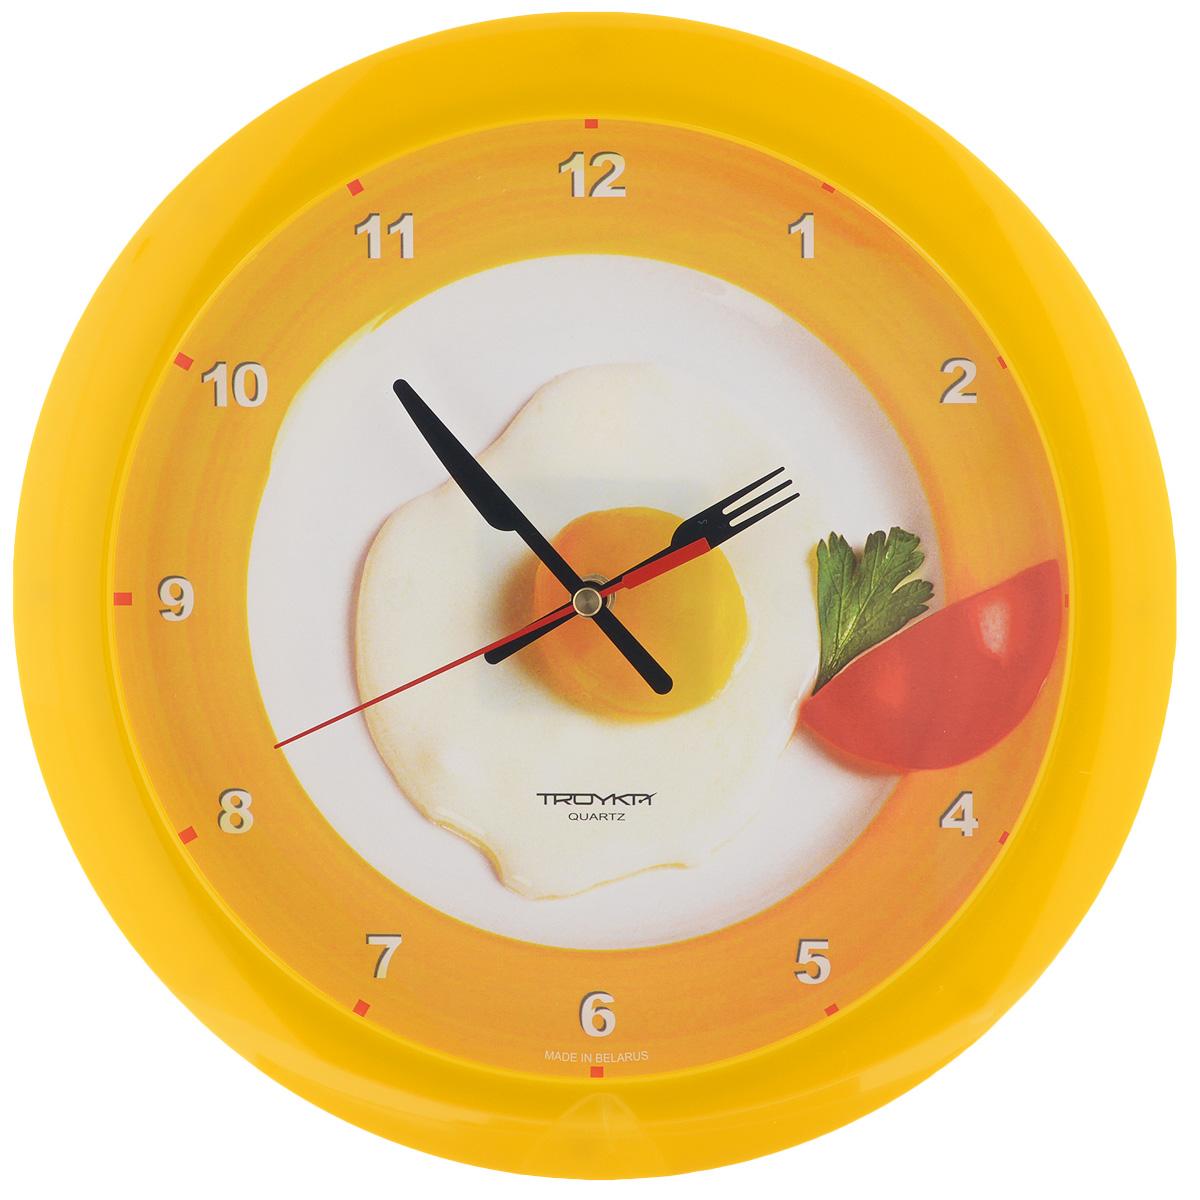 Часы настенные Troyka Яичница, цвет: белый, желтый. 1115017811150178Настенные кварцевые часы Troyka Яичница, изготовленные из пластика, прекрасно подойдут под интерьер вашего дома. Круглые часы имеют три стрелки: часовую, минутную и секундную, циферблат украшен изображением яичницы и защищен прозрачным пластиком.Диаметр часов: 29 см.Часы работают от 1 батарейки типа АА напряжением 1,5 В (входит в комплект). Материал: пластик; размер: диаметр 290 мм; цвет: желтый